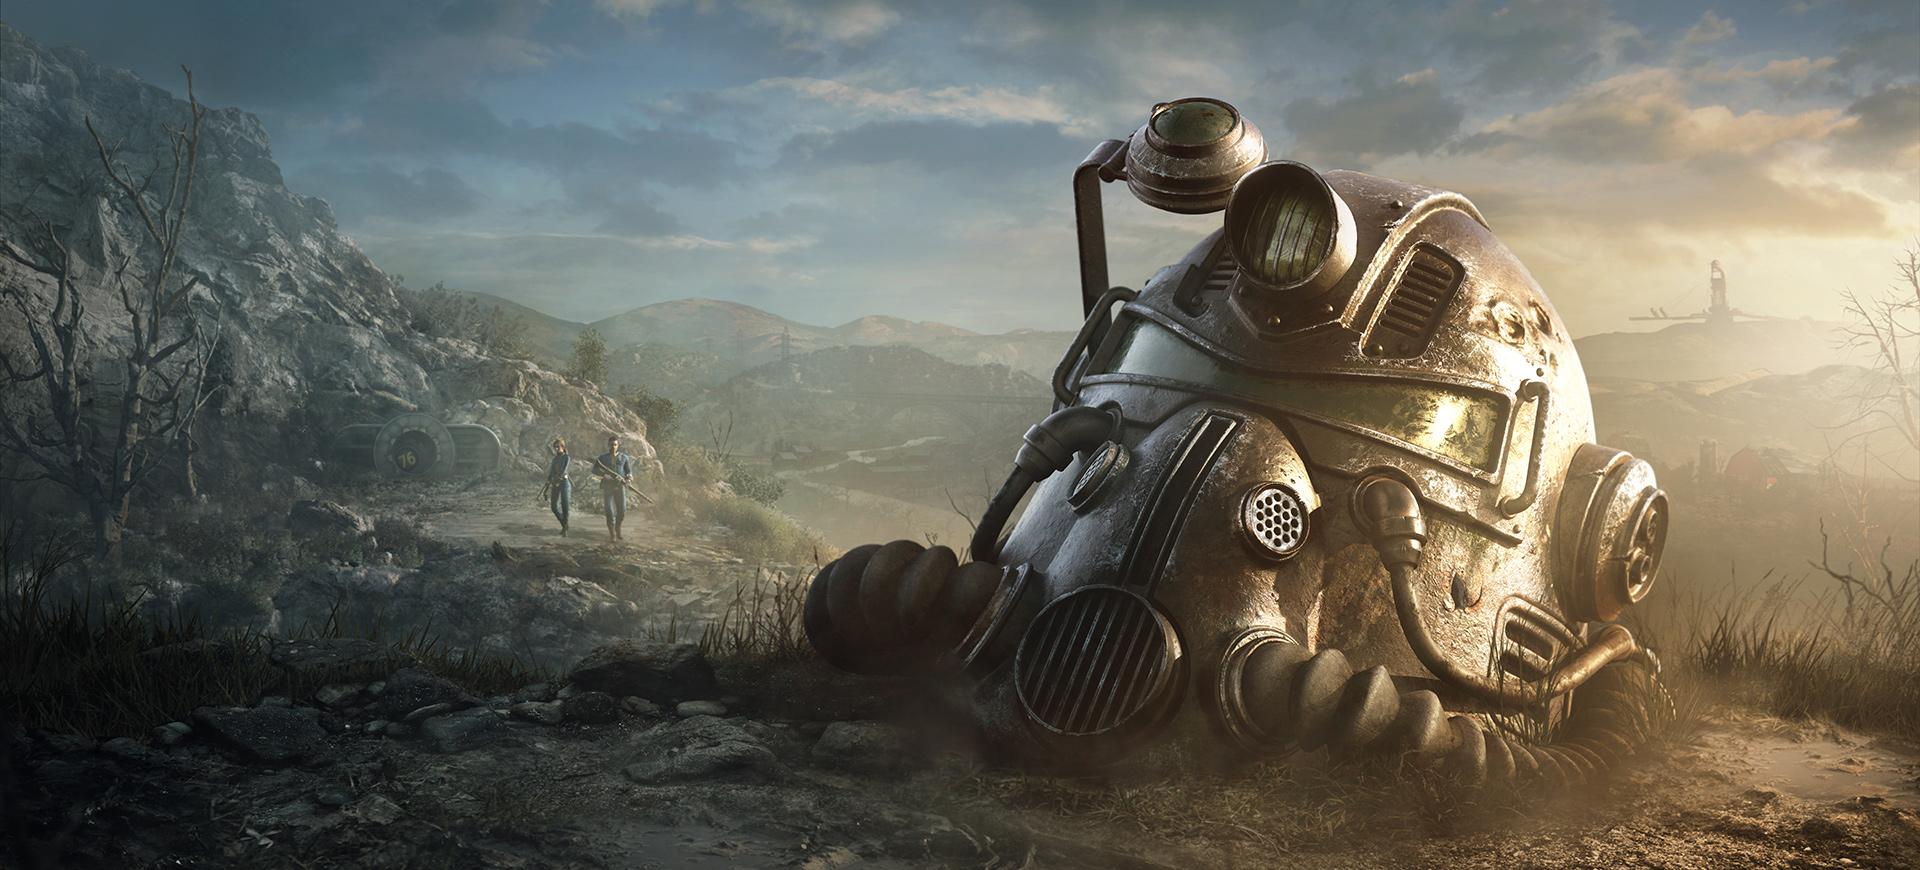 (REMINDER) Fallout 76 kostenlos auf Steam erhalten, wenn bereits bei Bethesda gekauft